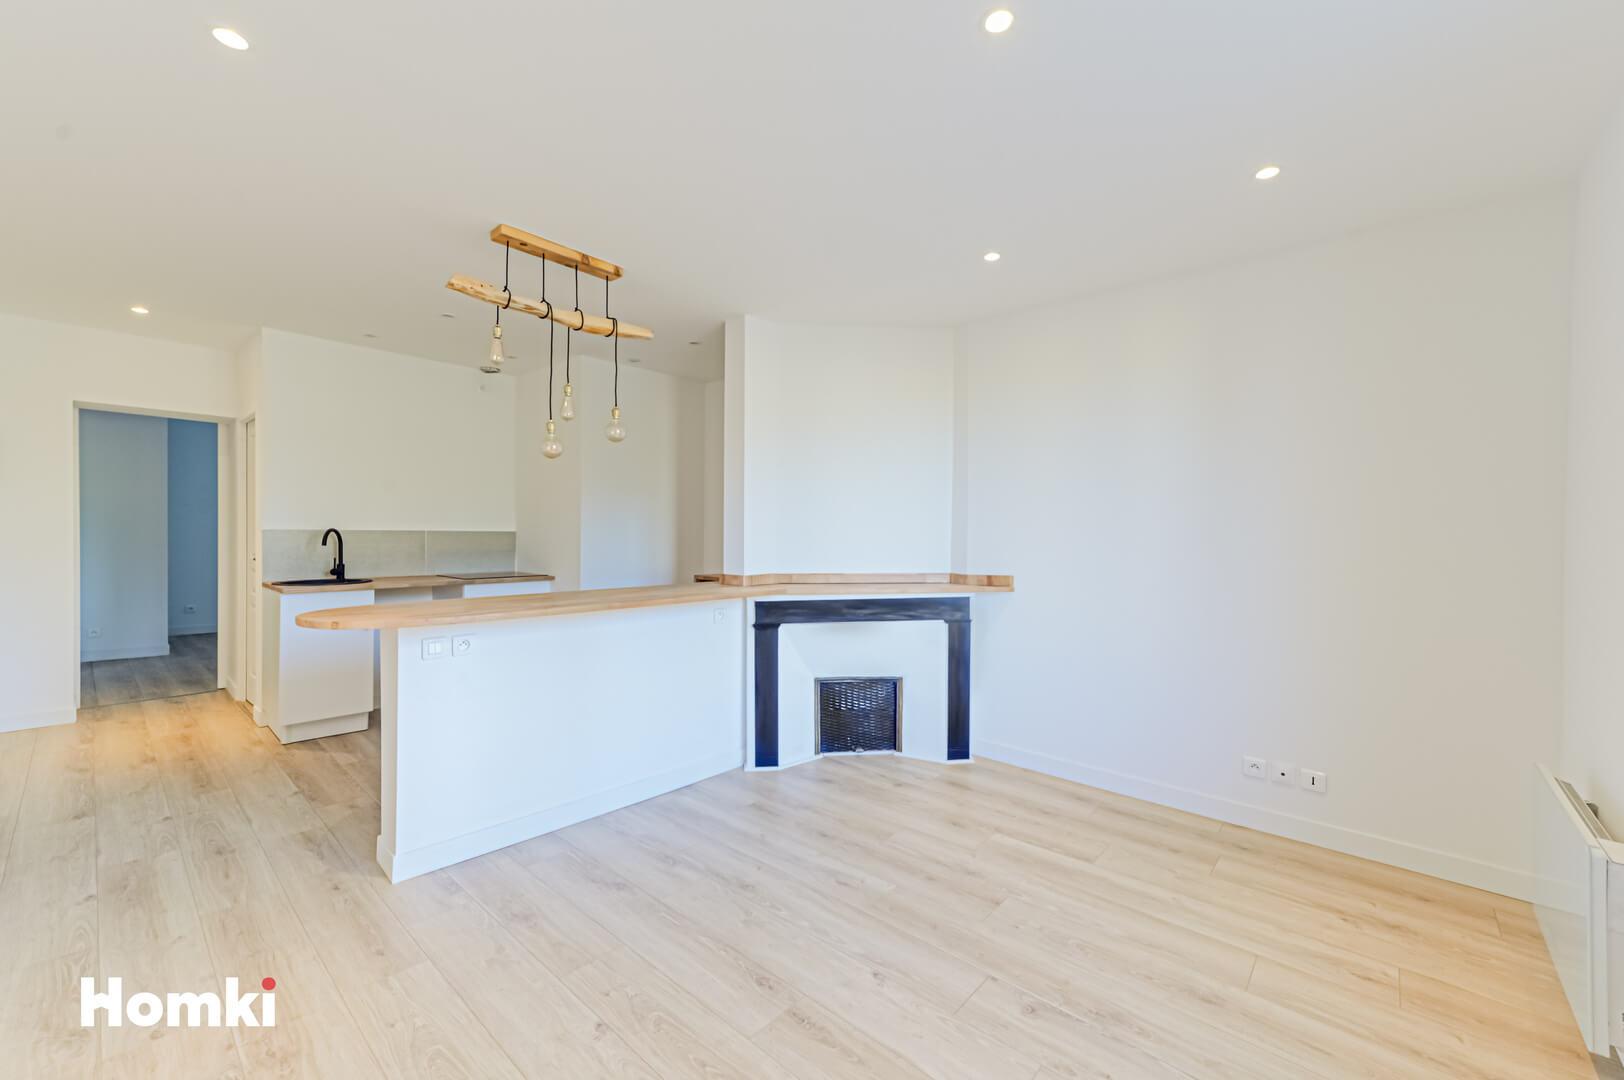 Homki - Vente Appartement  de 38.0 m² à Toulouse 31400